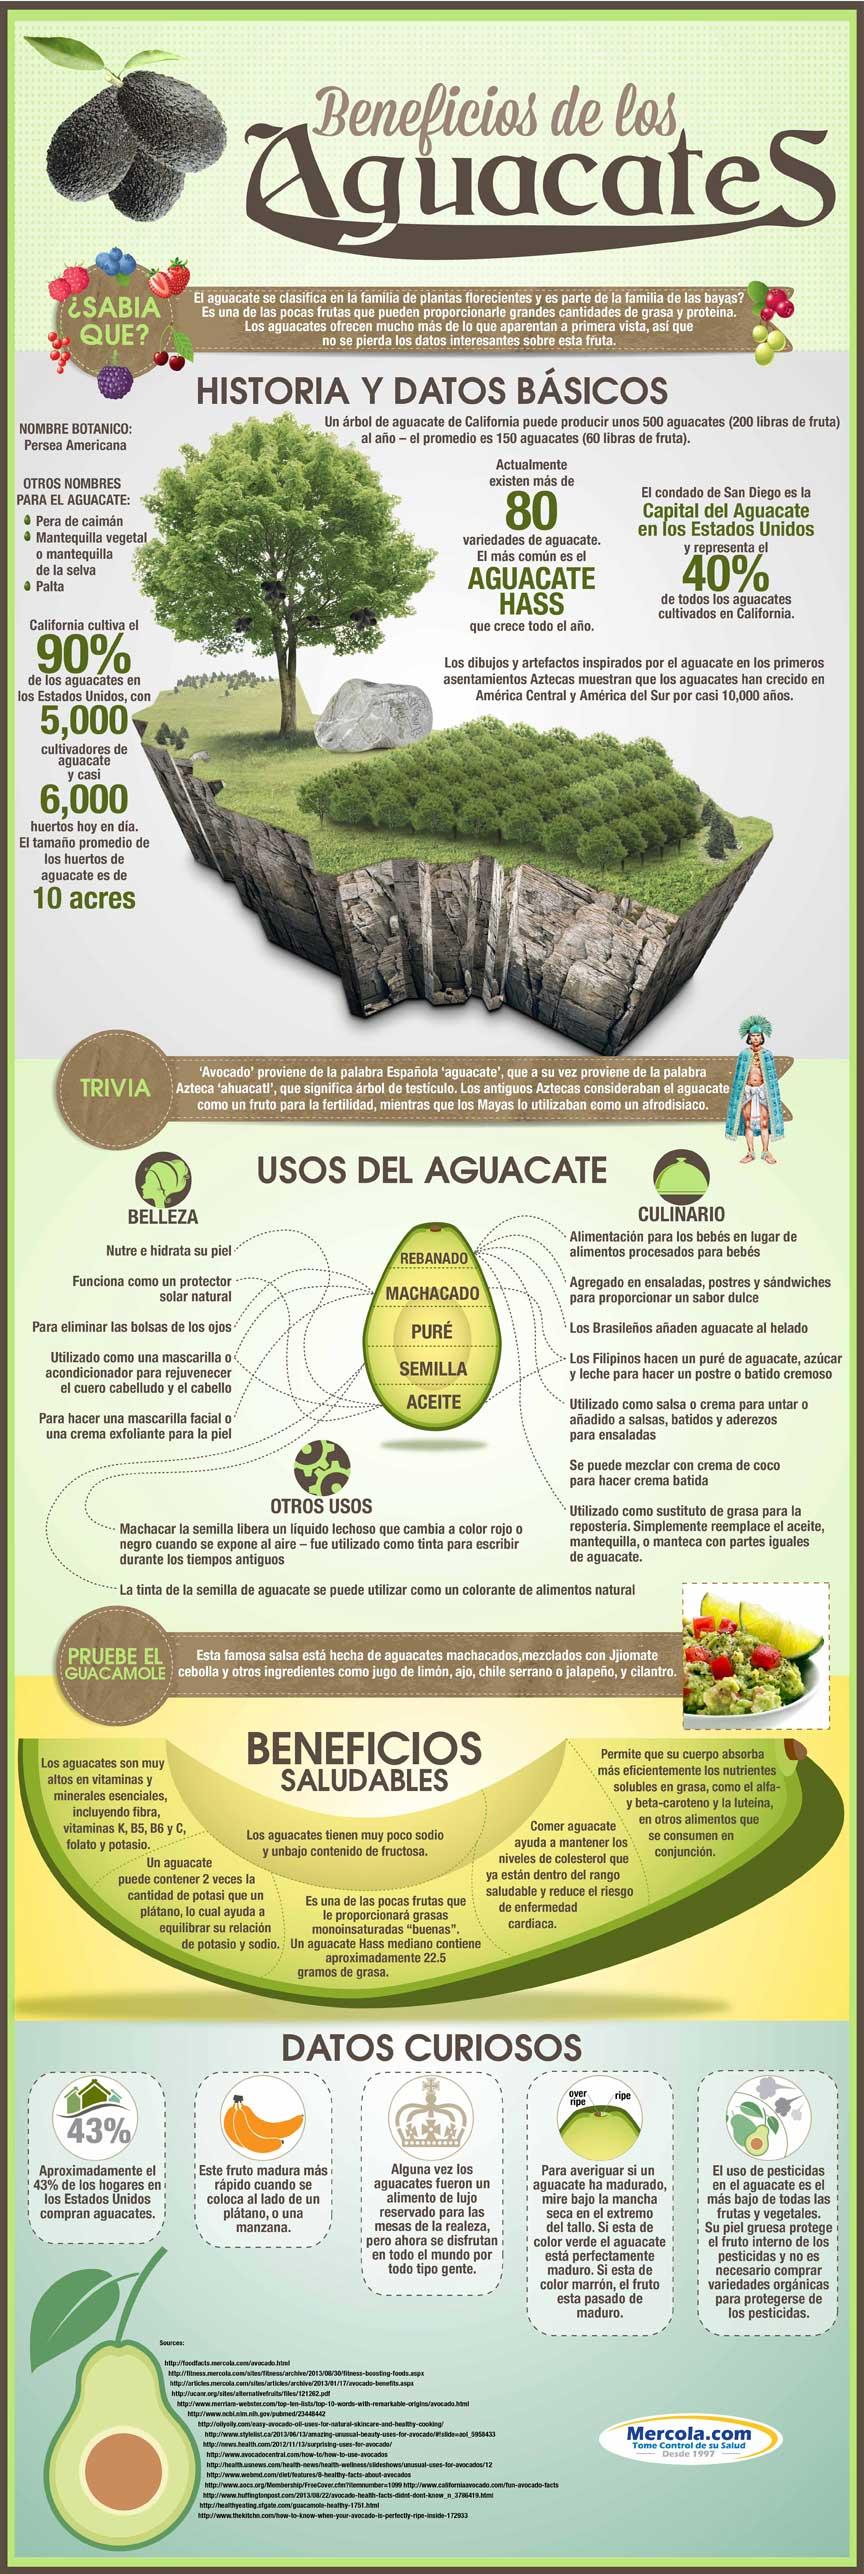 Beneficios del Aguacate